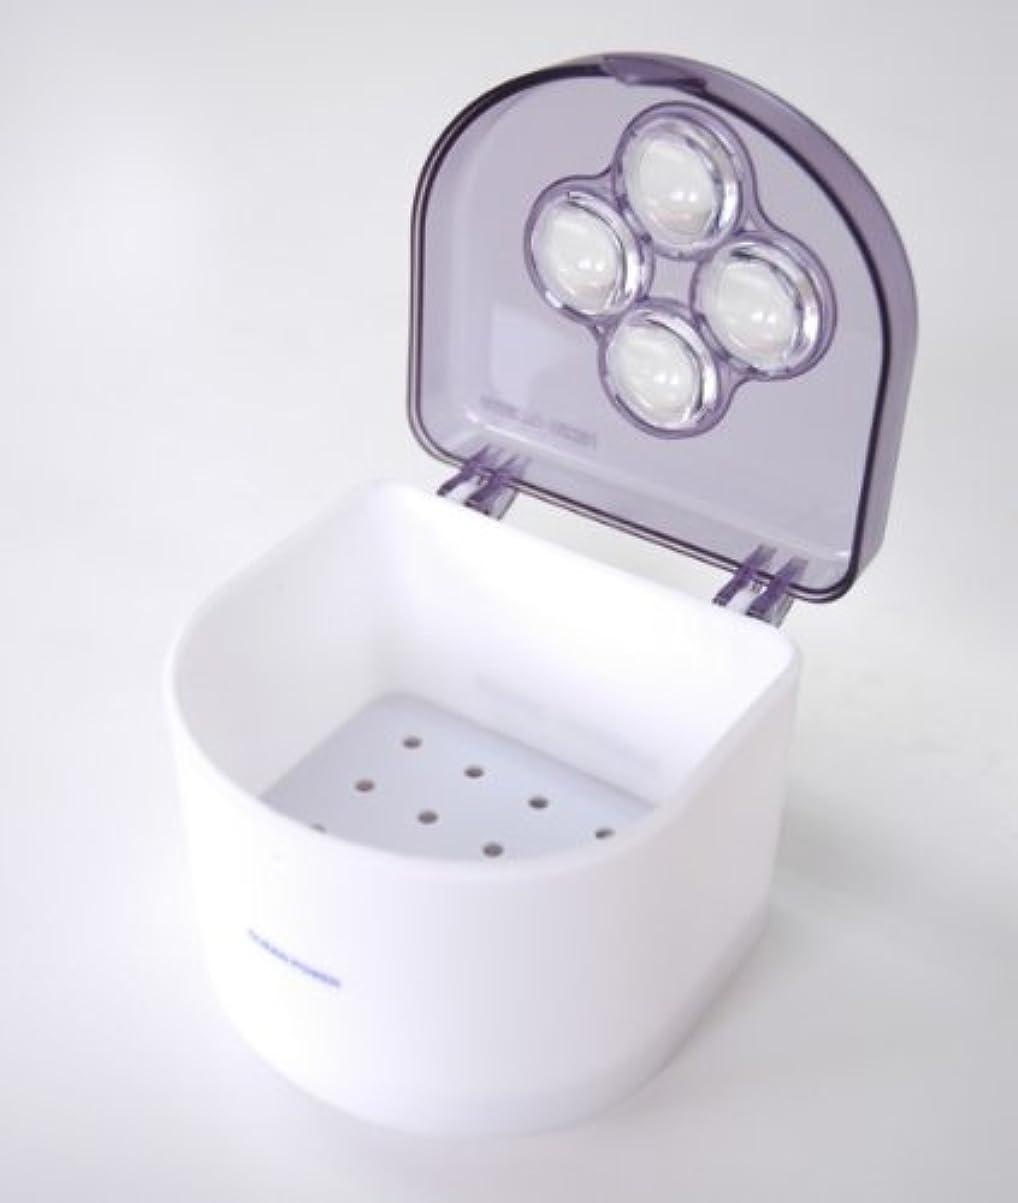 シャイ高価なアスリート【CLEAN POWER】入れ歯クリーナー「クリーンパワー」 2個セット 日本製